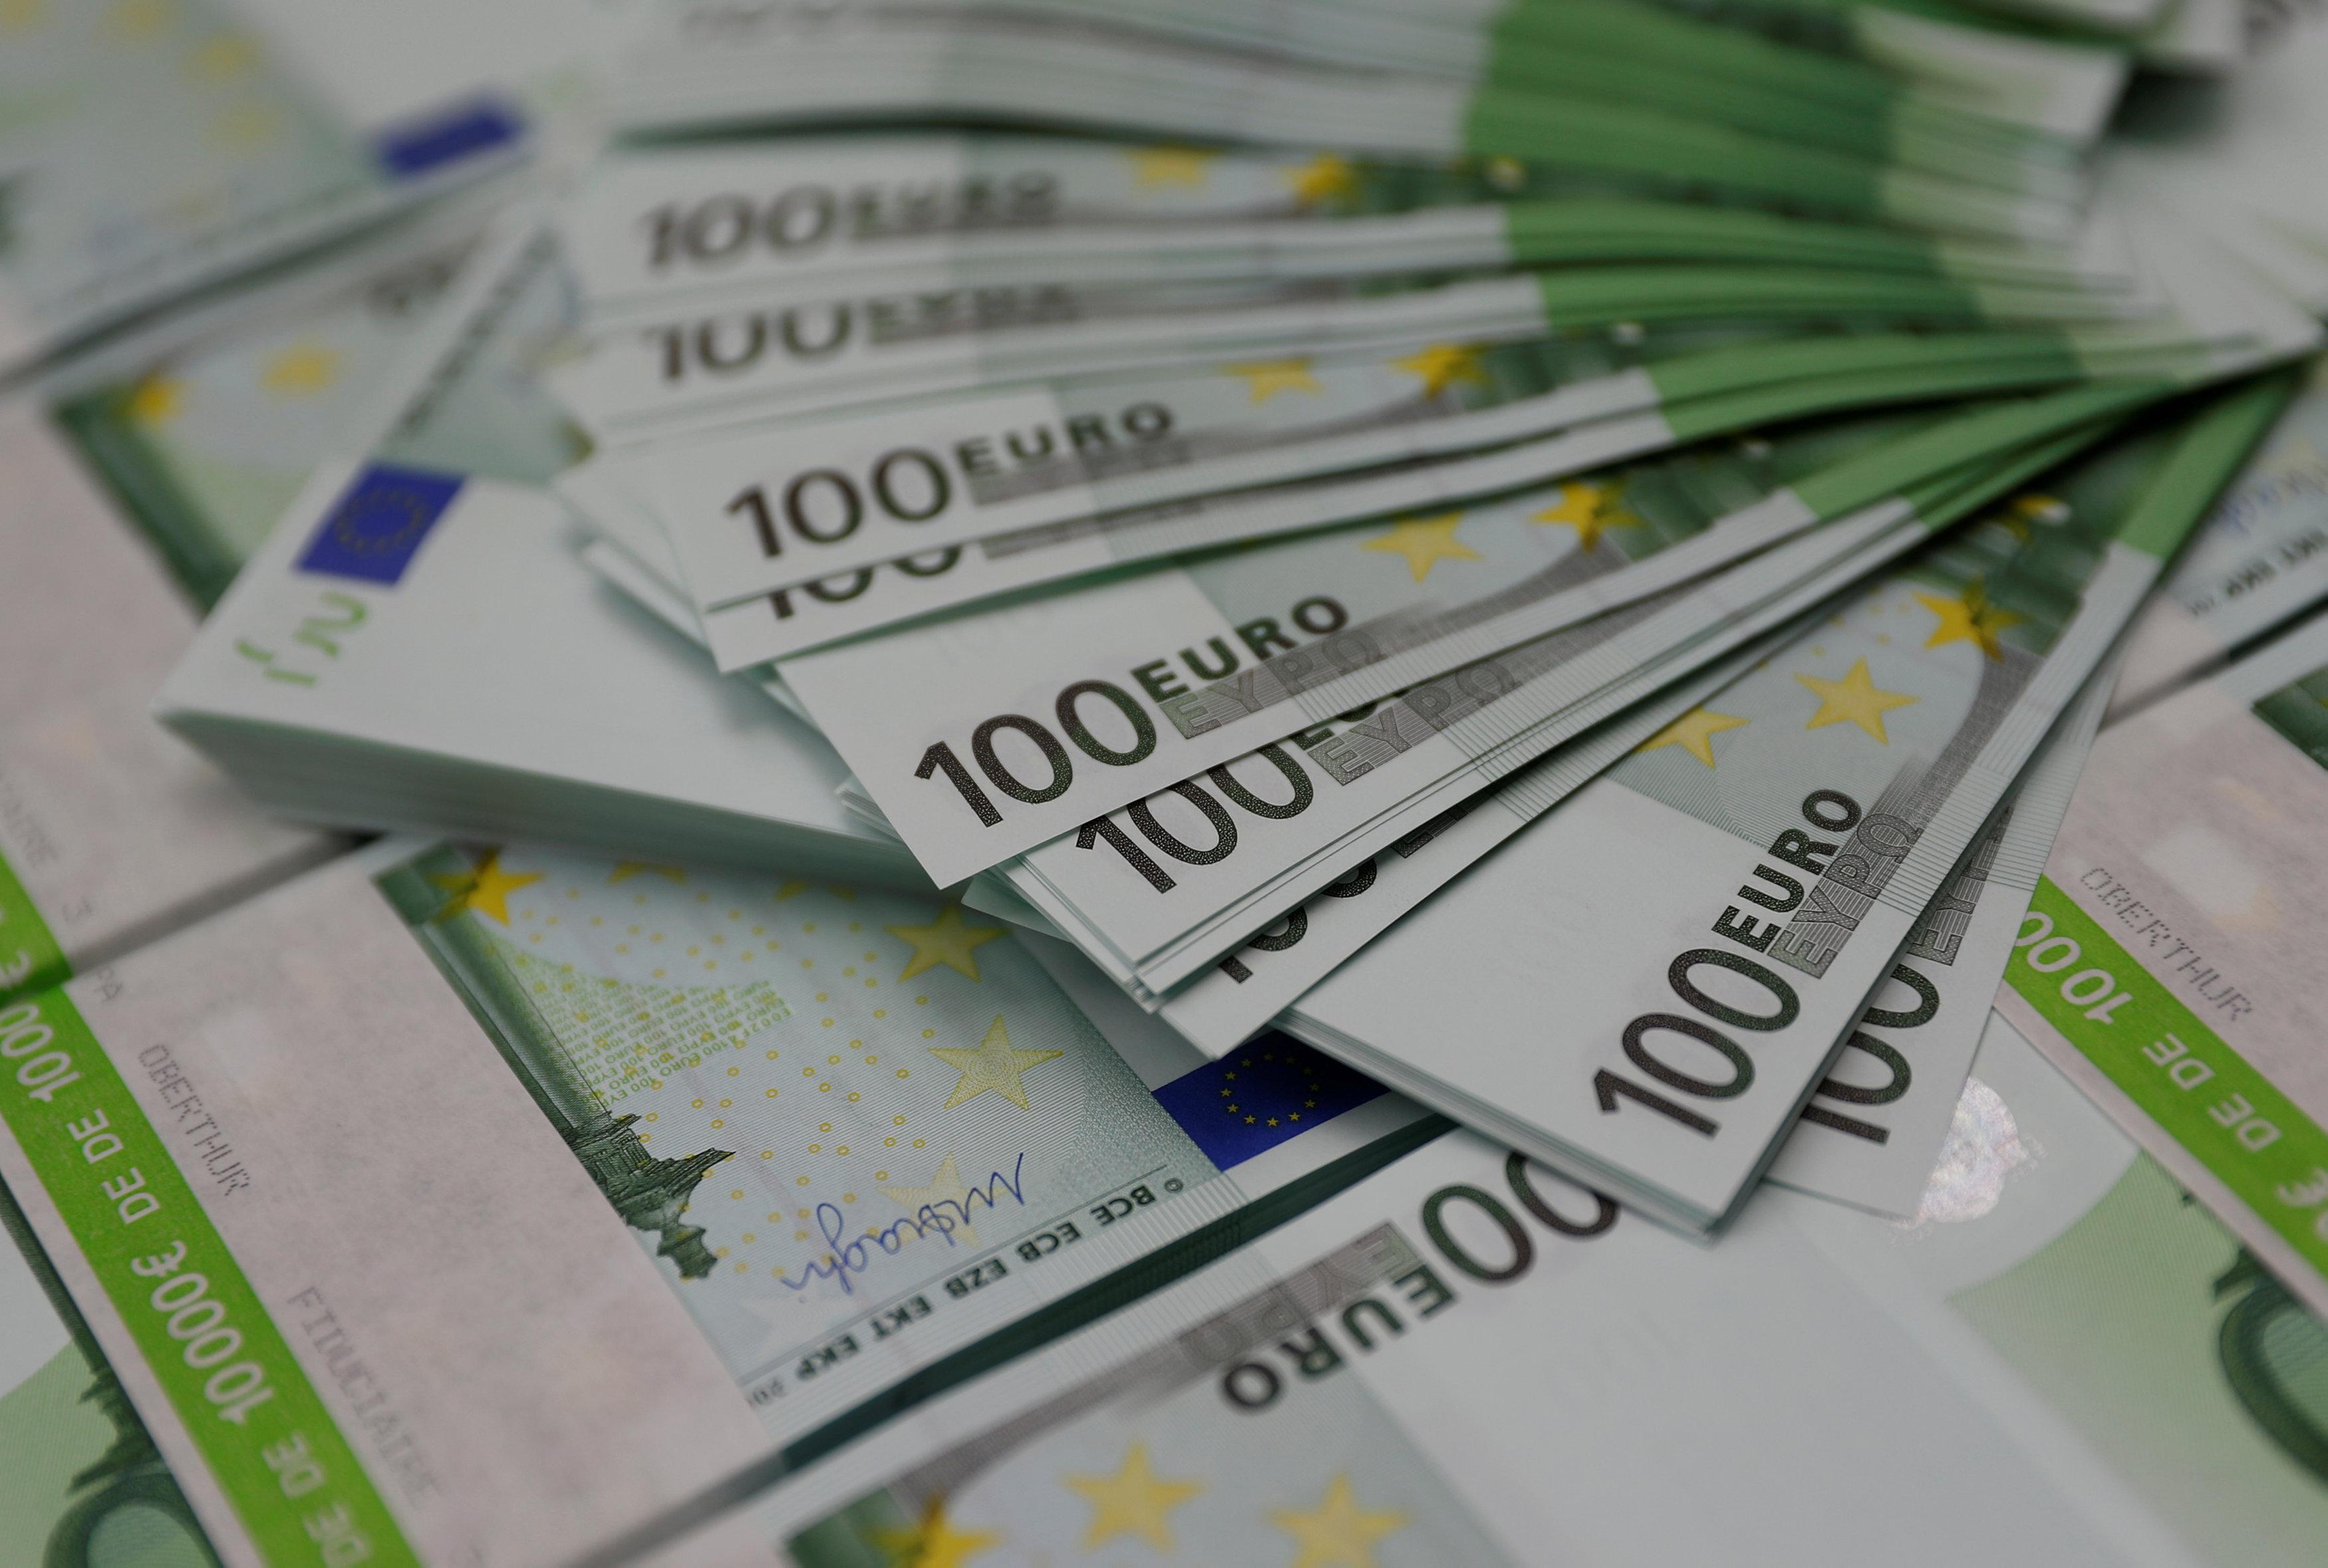 Προϋπολογισμός: Στα €2 δισ. το πρωτογενές πλεόνασμα | tovima.gr